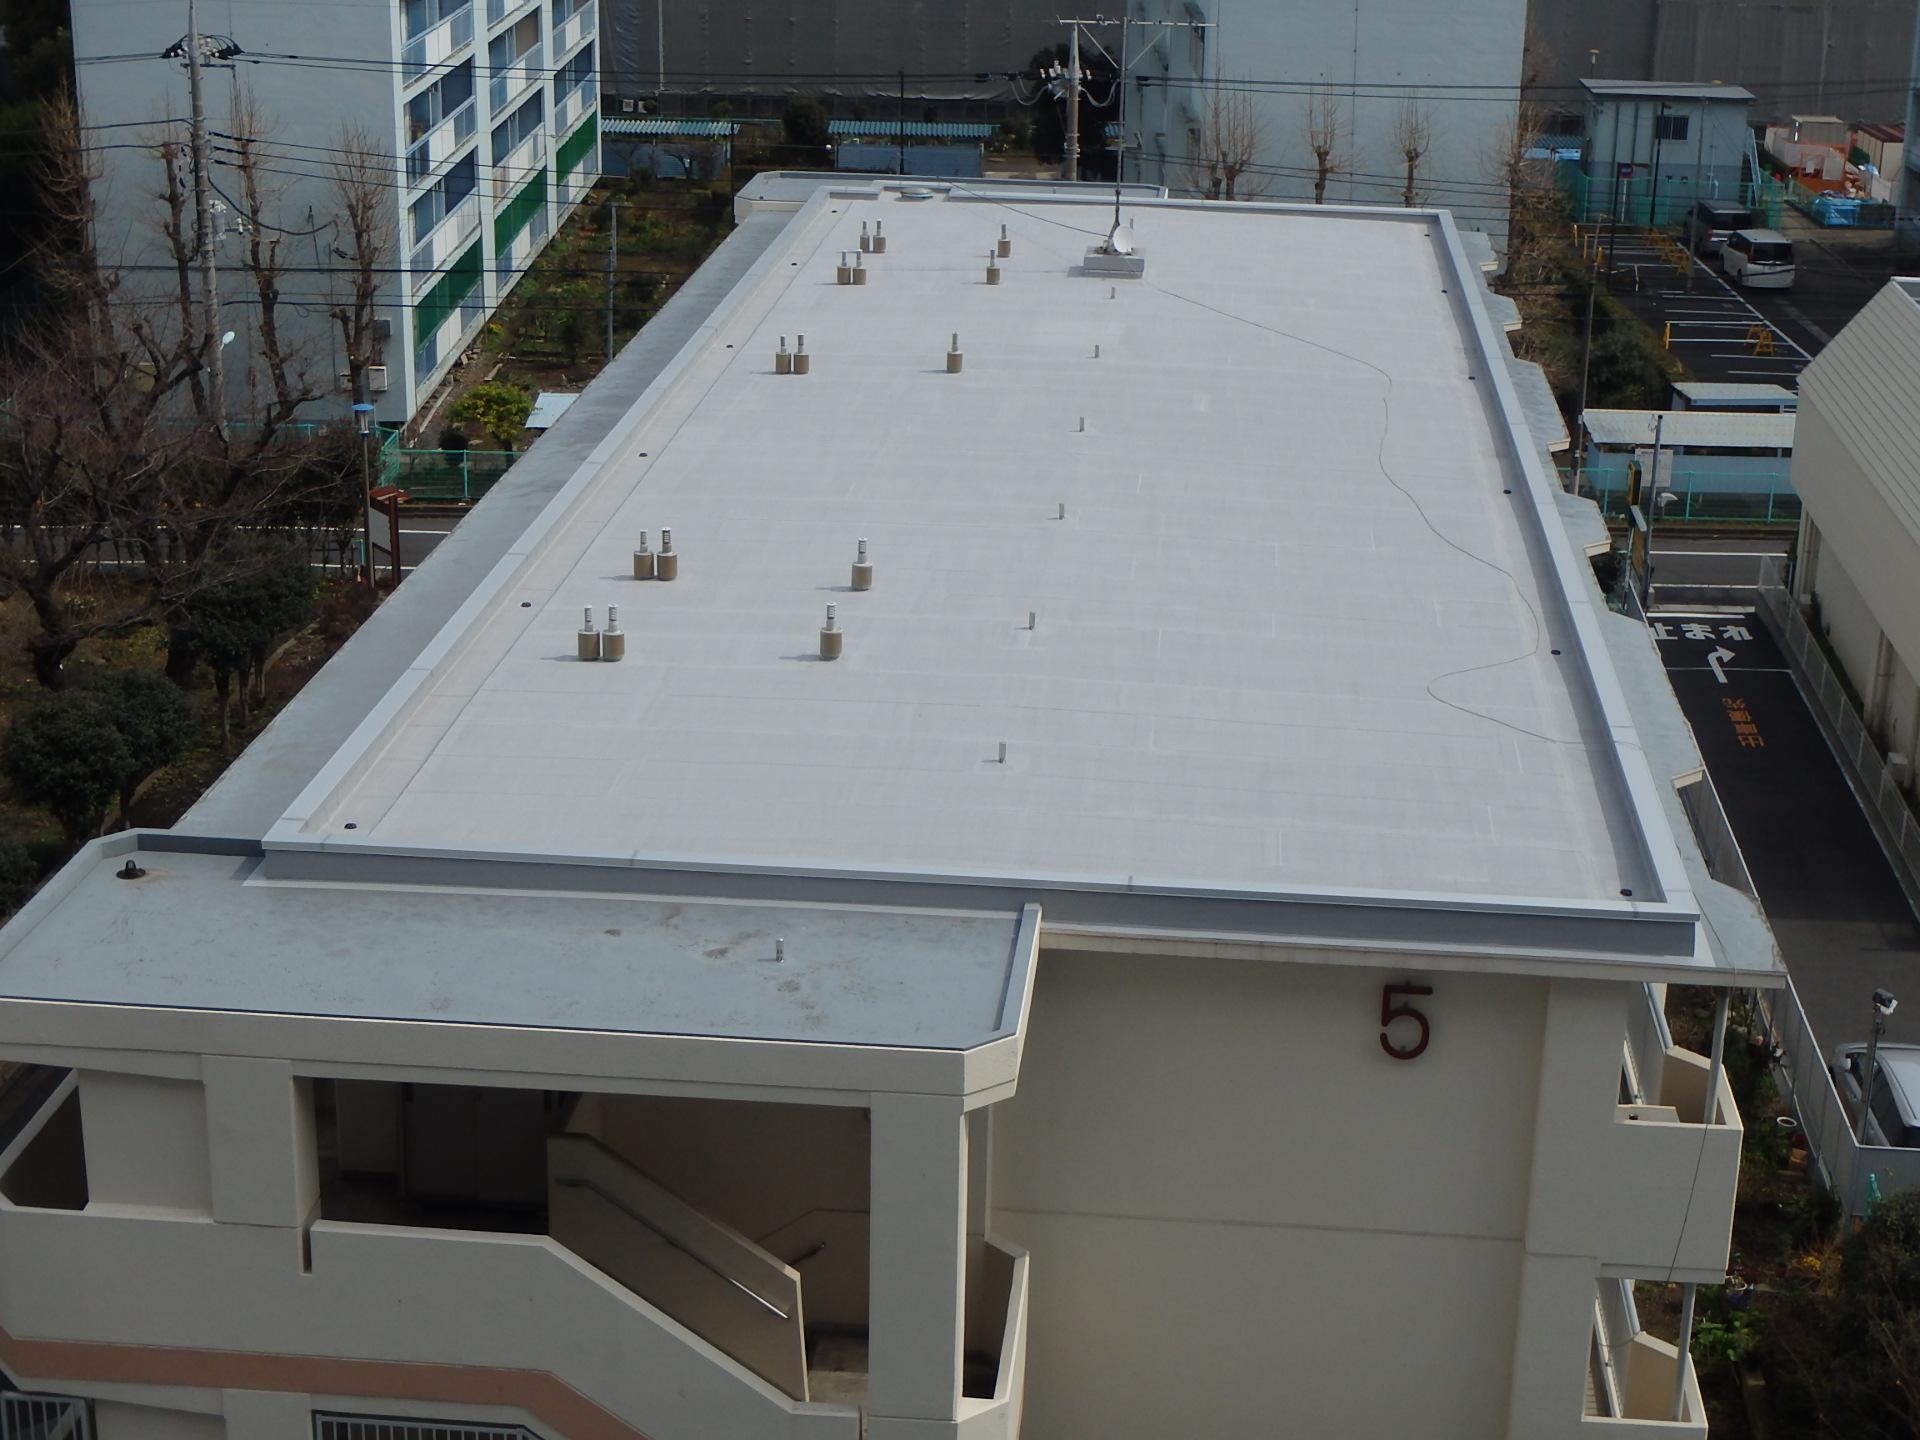 板橋区内 某都営団地屋上防水工事